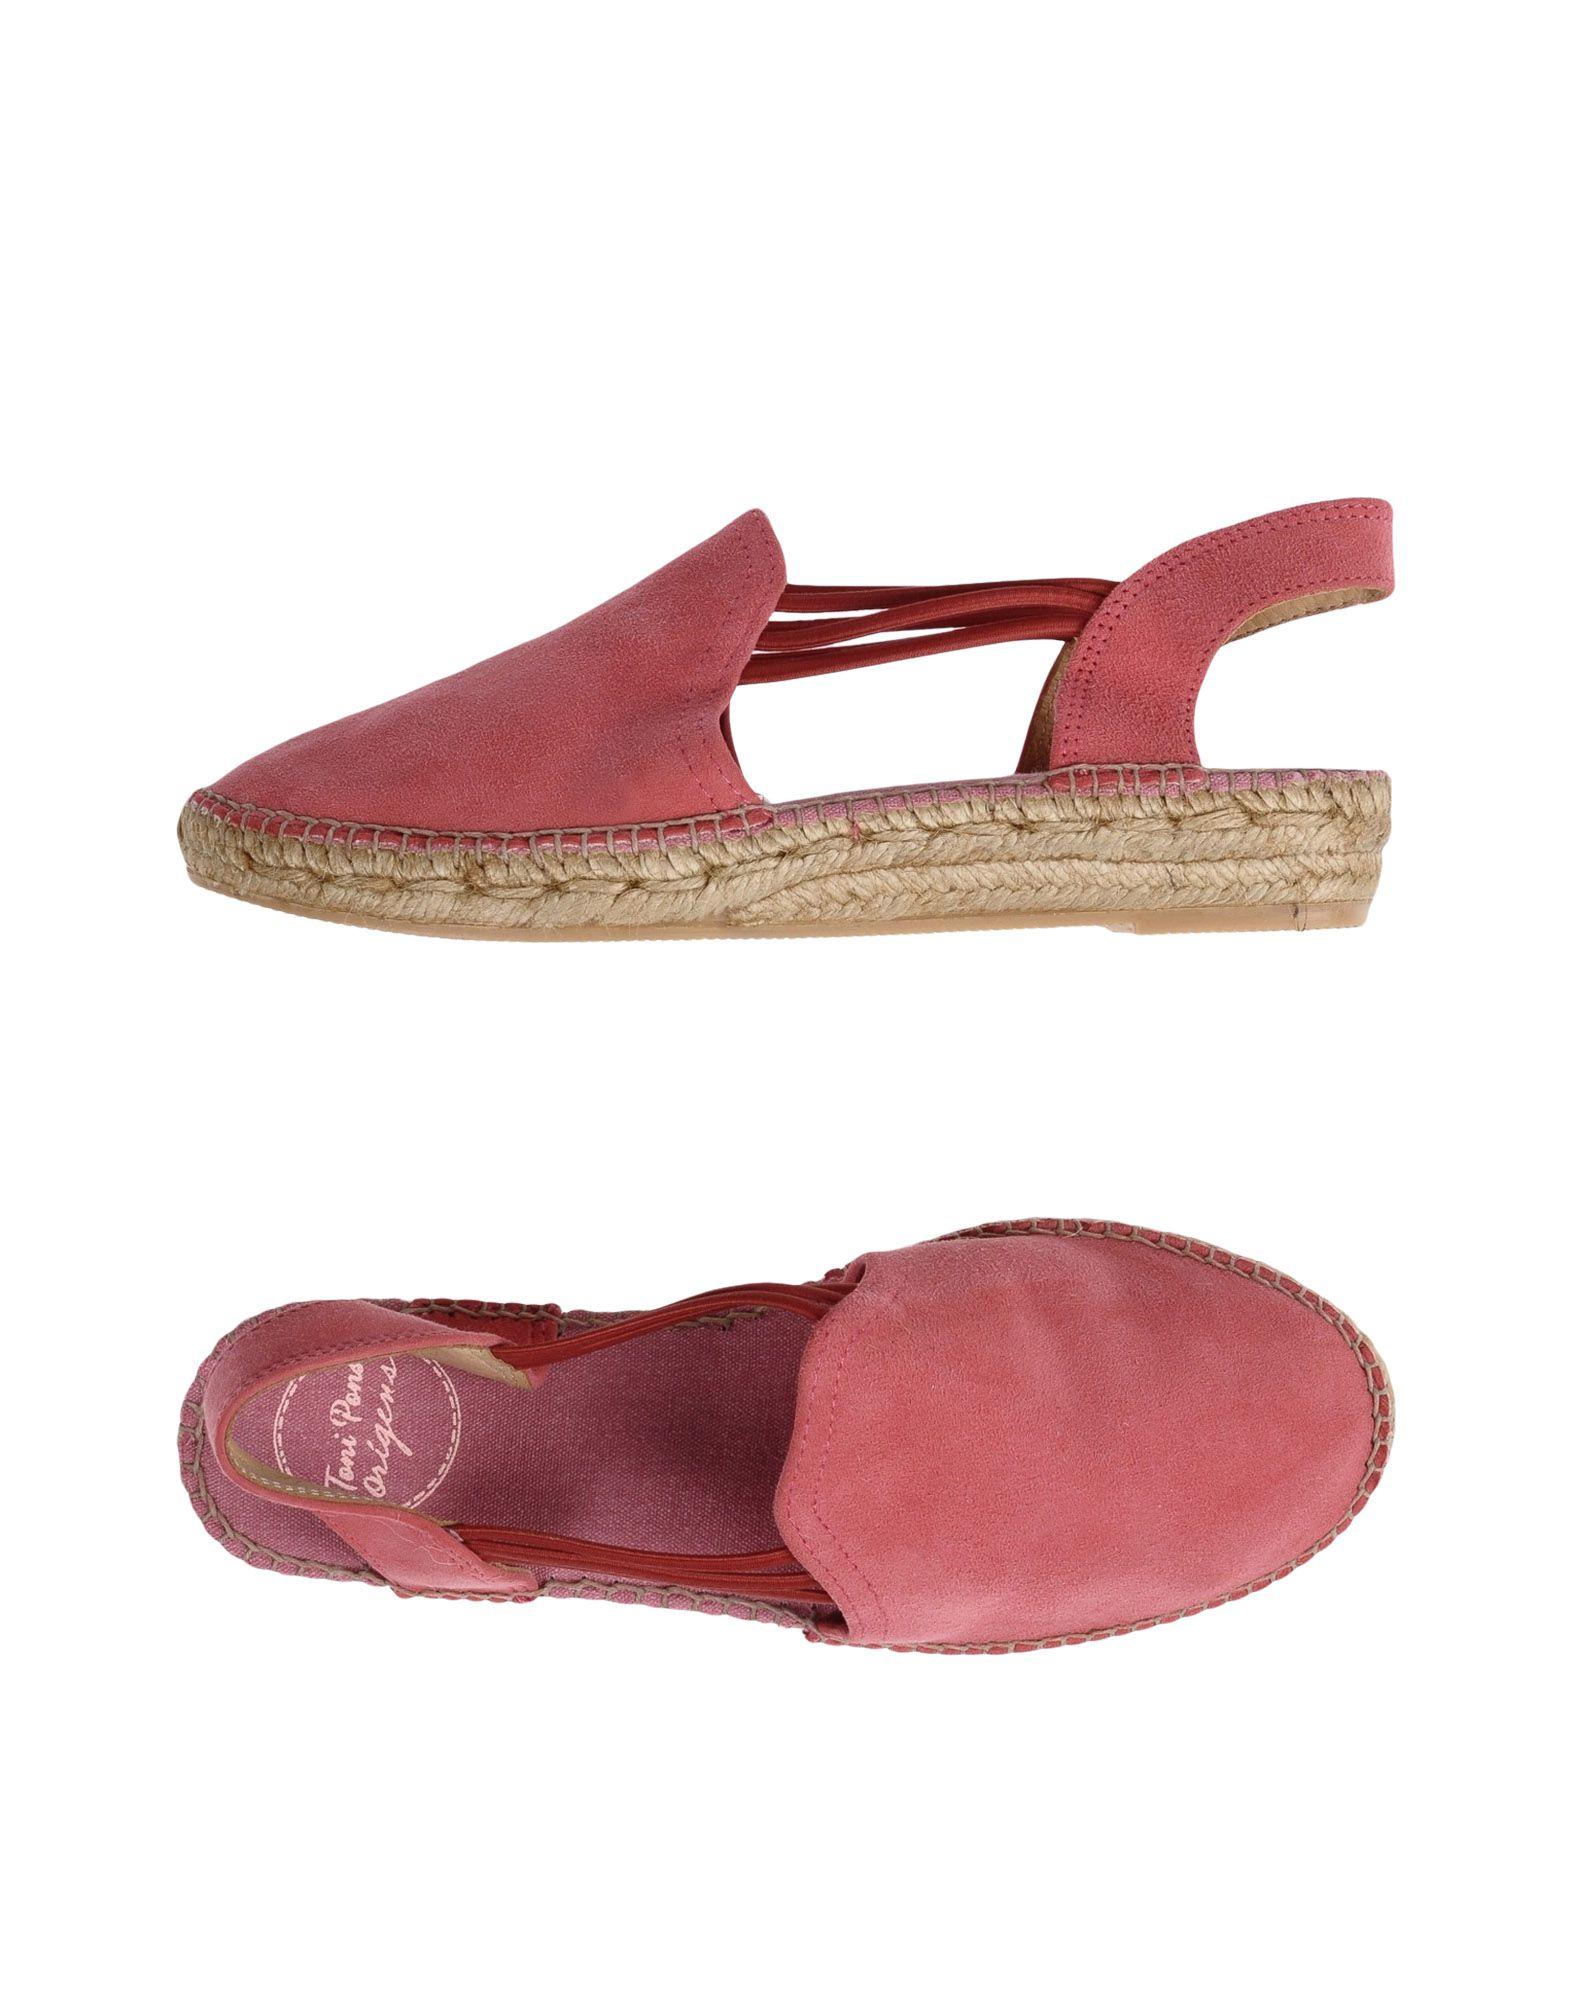 Toni Pons Espadrilles Damen  Schuhe 11504282MU Gute Qualität beliebte Schuhe  253d0a